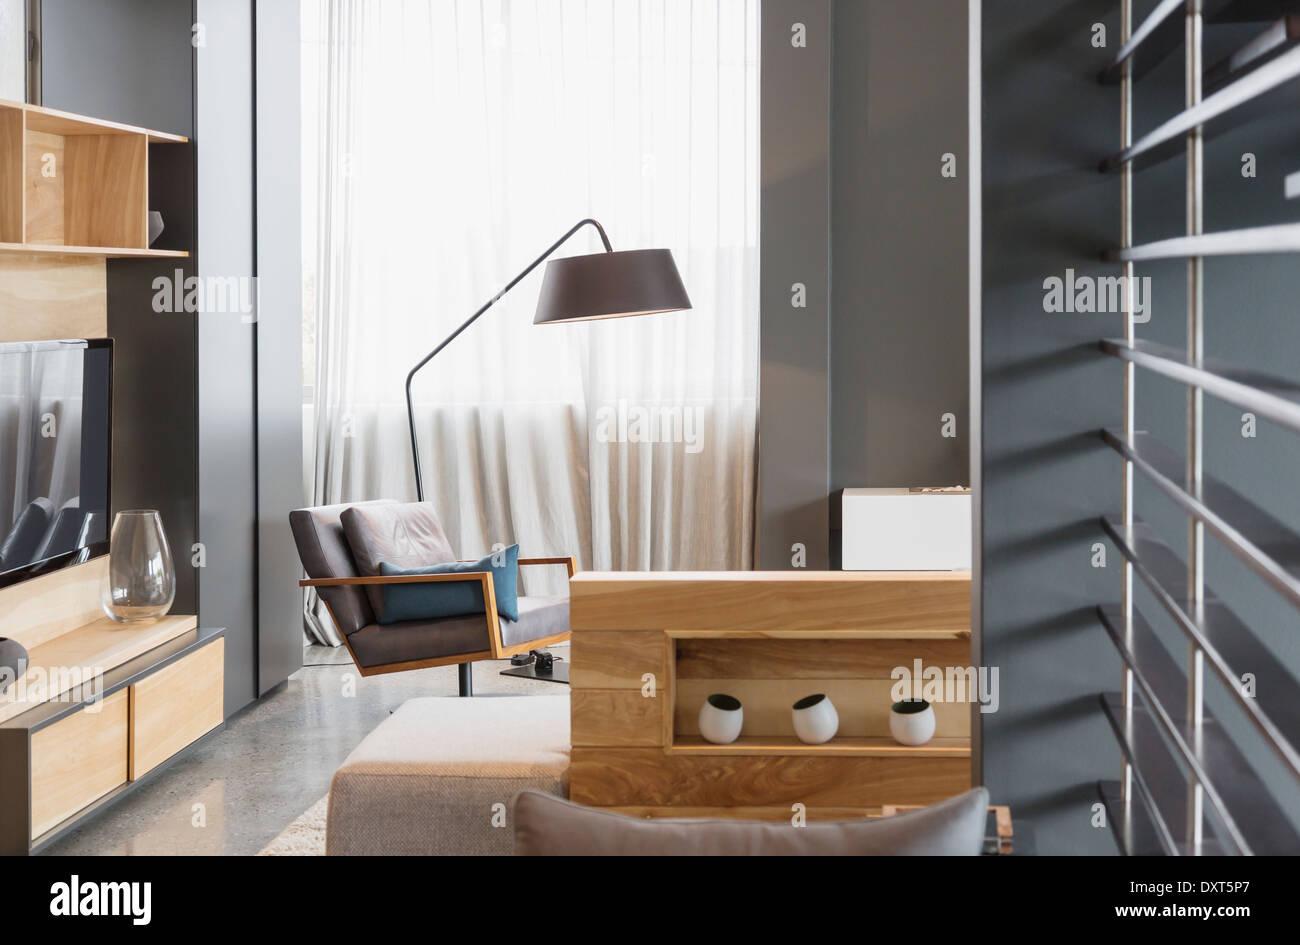 Poltrona e lampada in soggiorno moderno Foto & Immagine ...